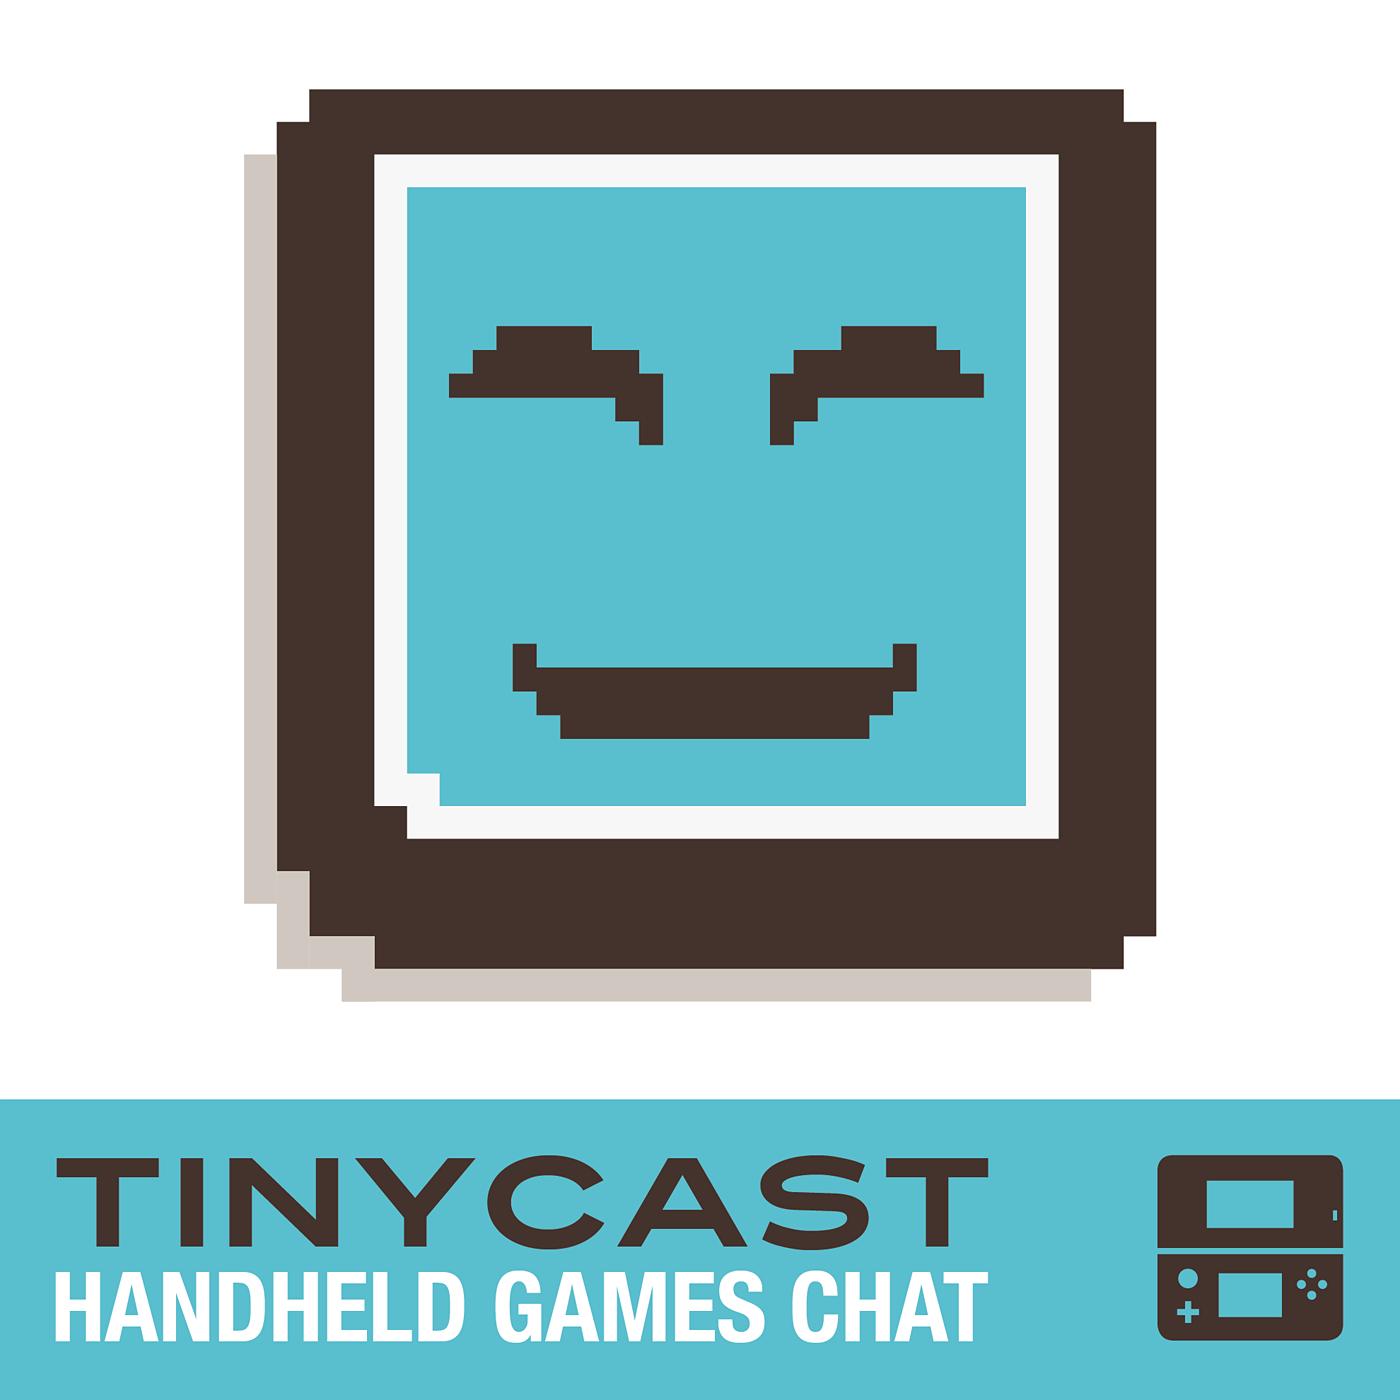 TinyCast